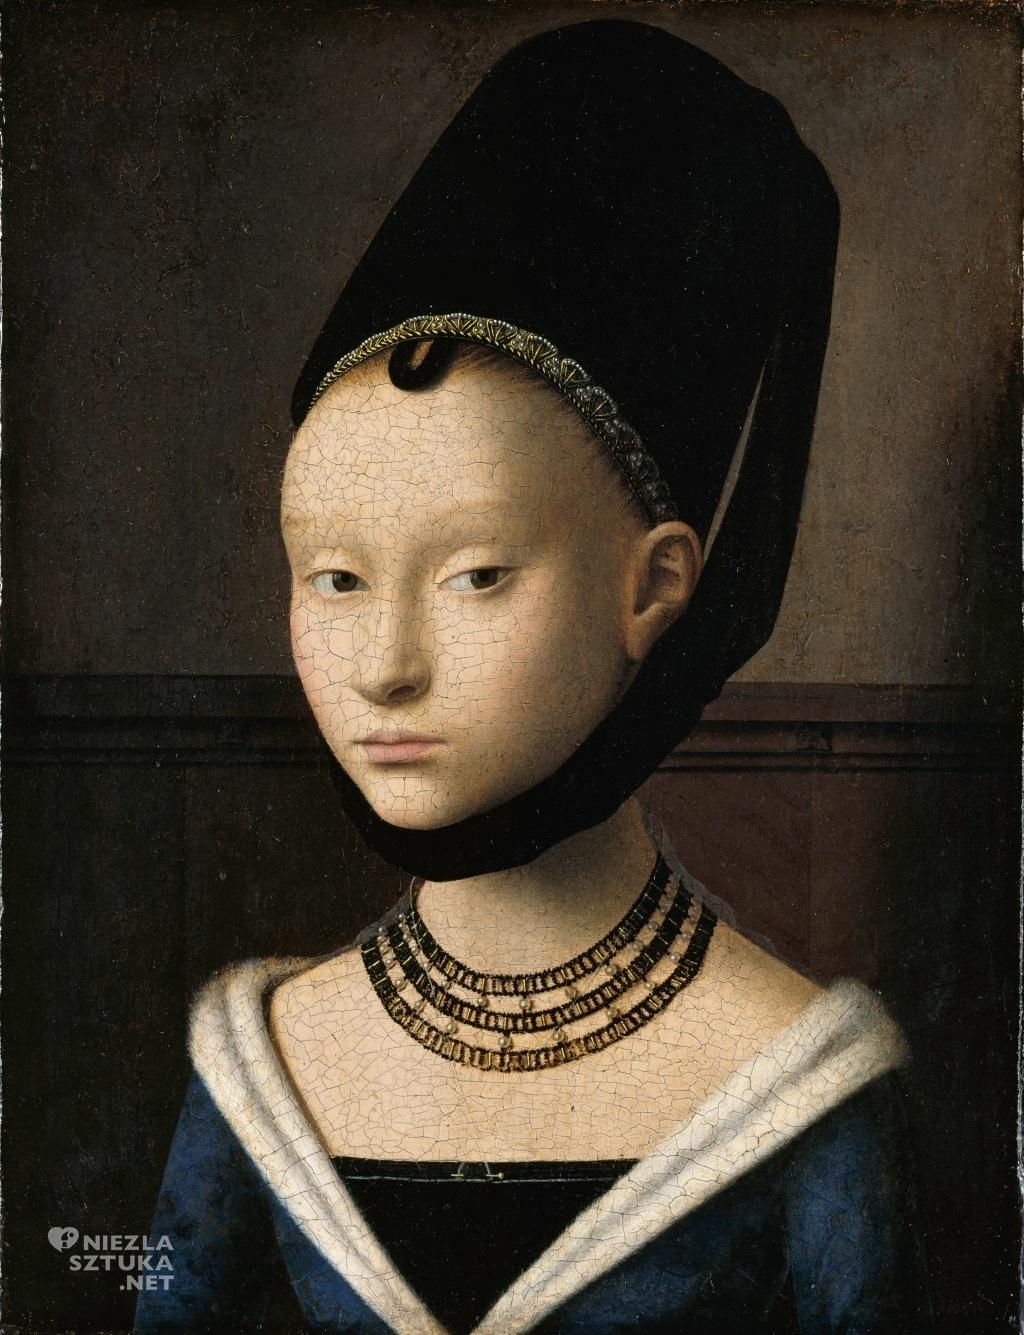 Petrus Christus, Portret młodej kobiety, Gemäldegalerie, Berlin, Niezła sztuka